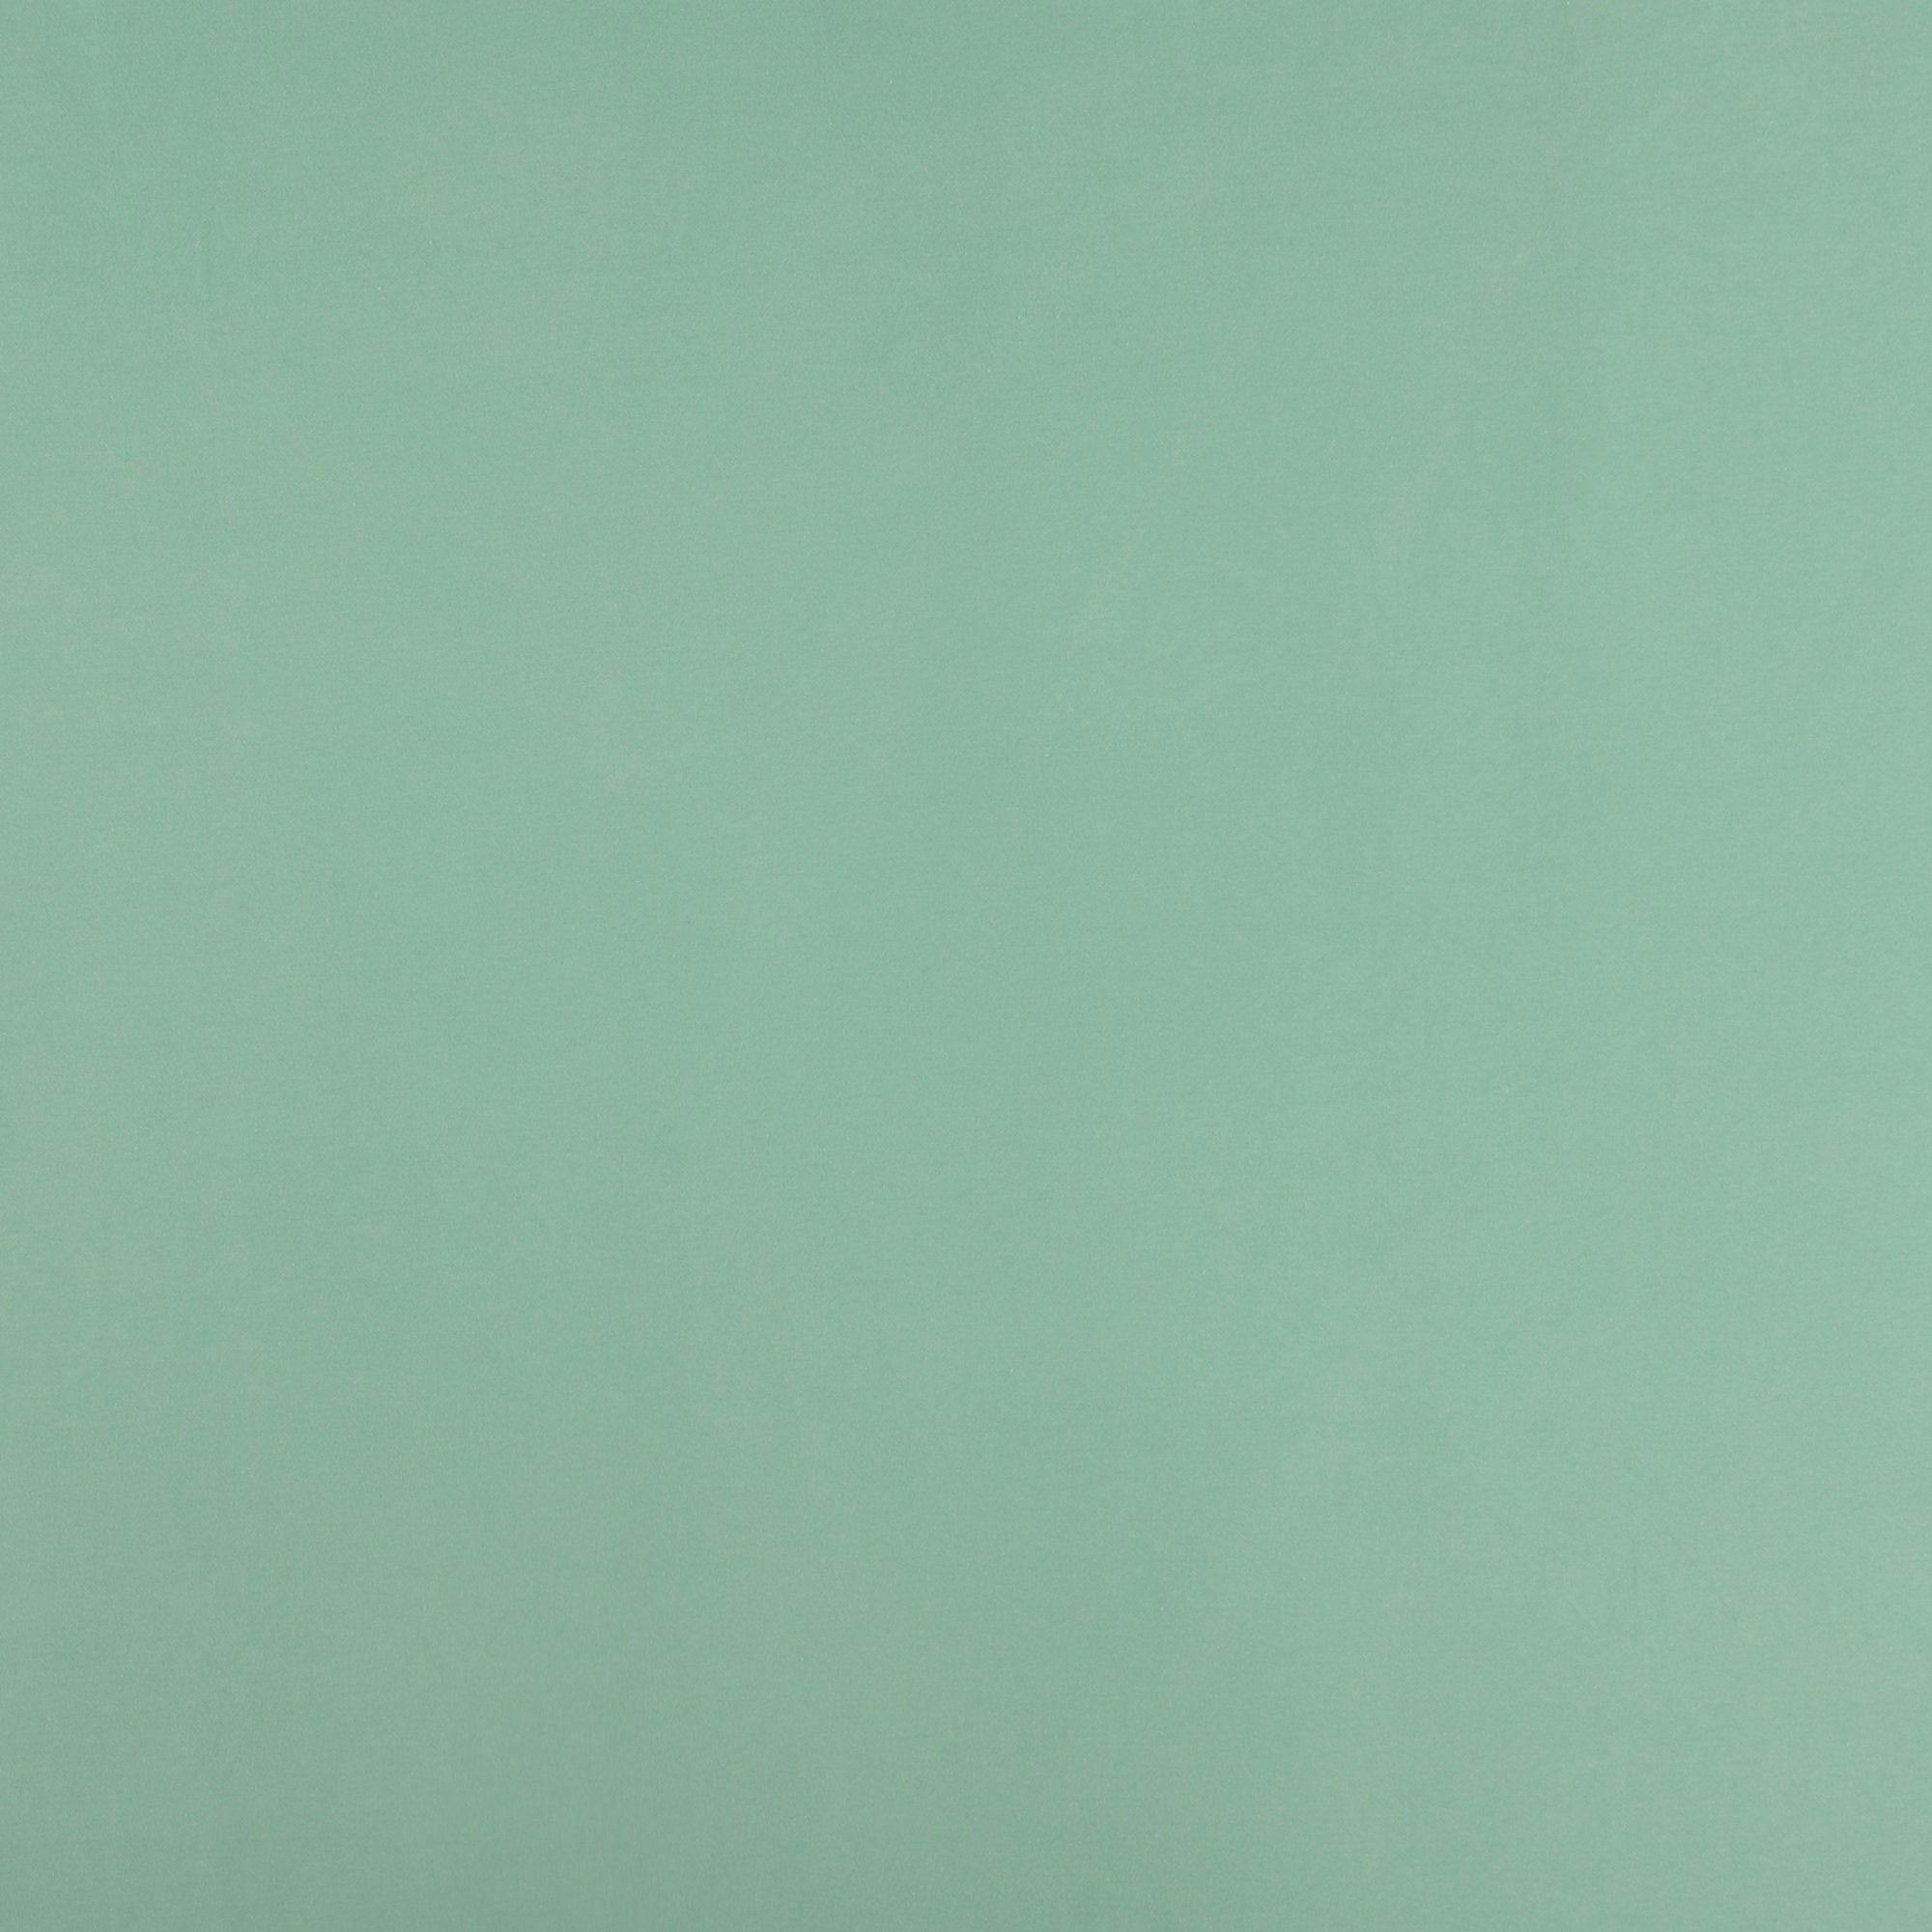 Gr - Grågrön